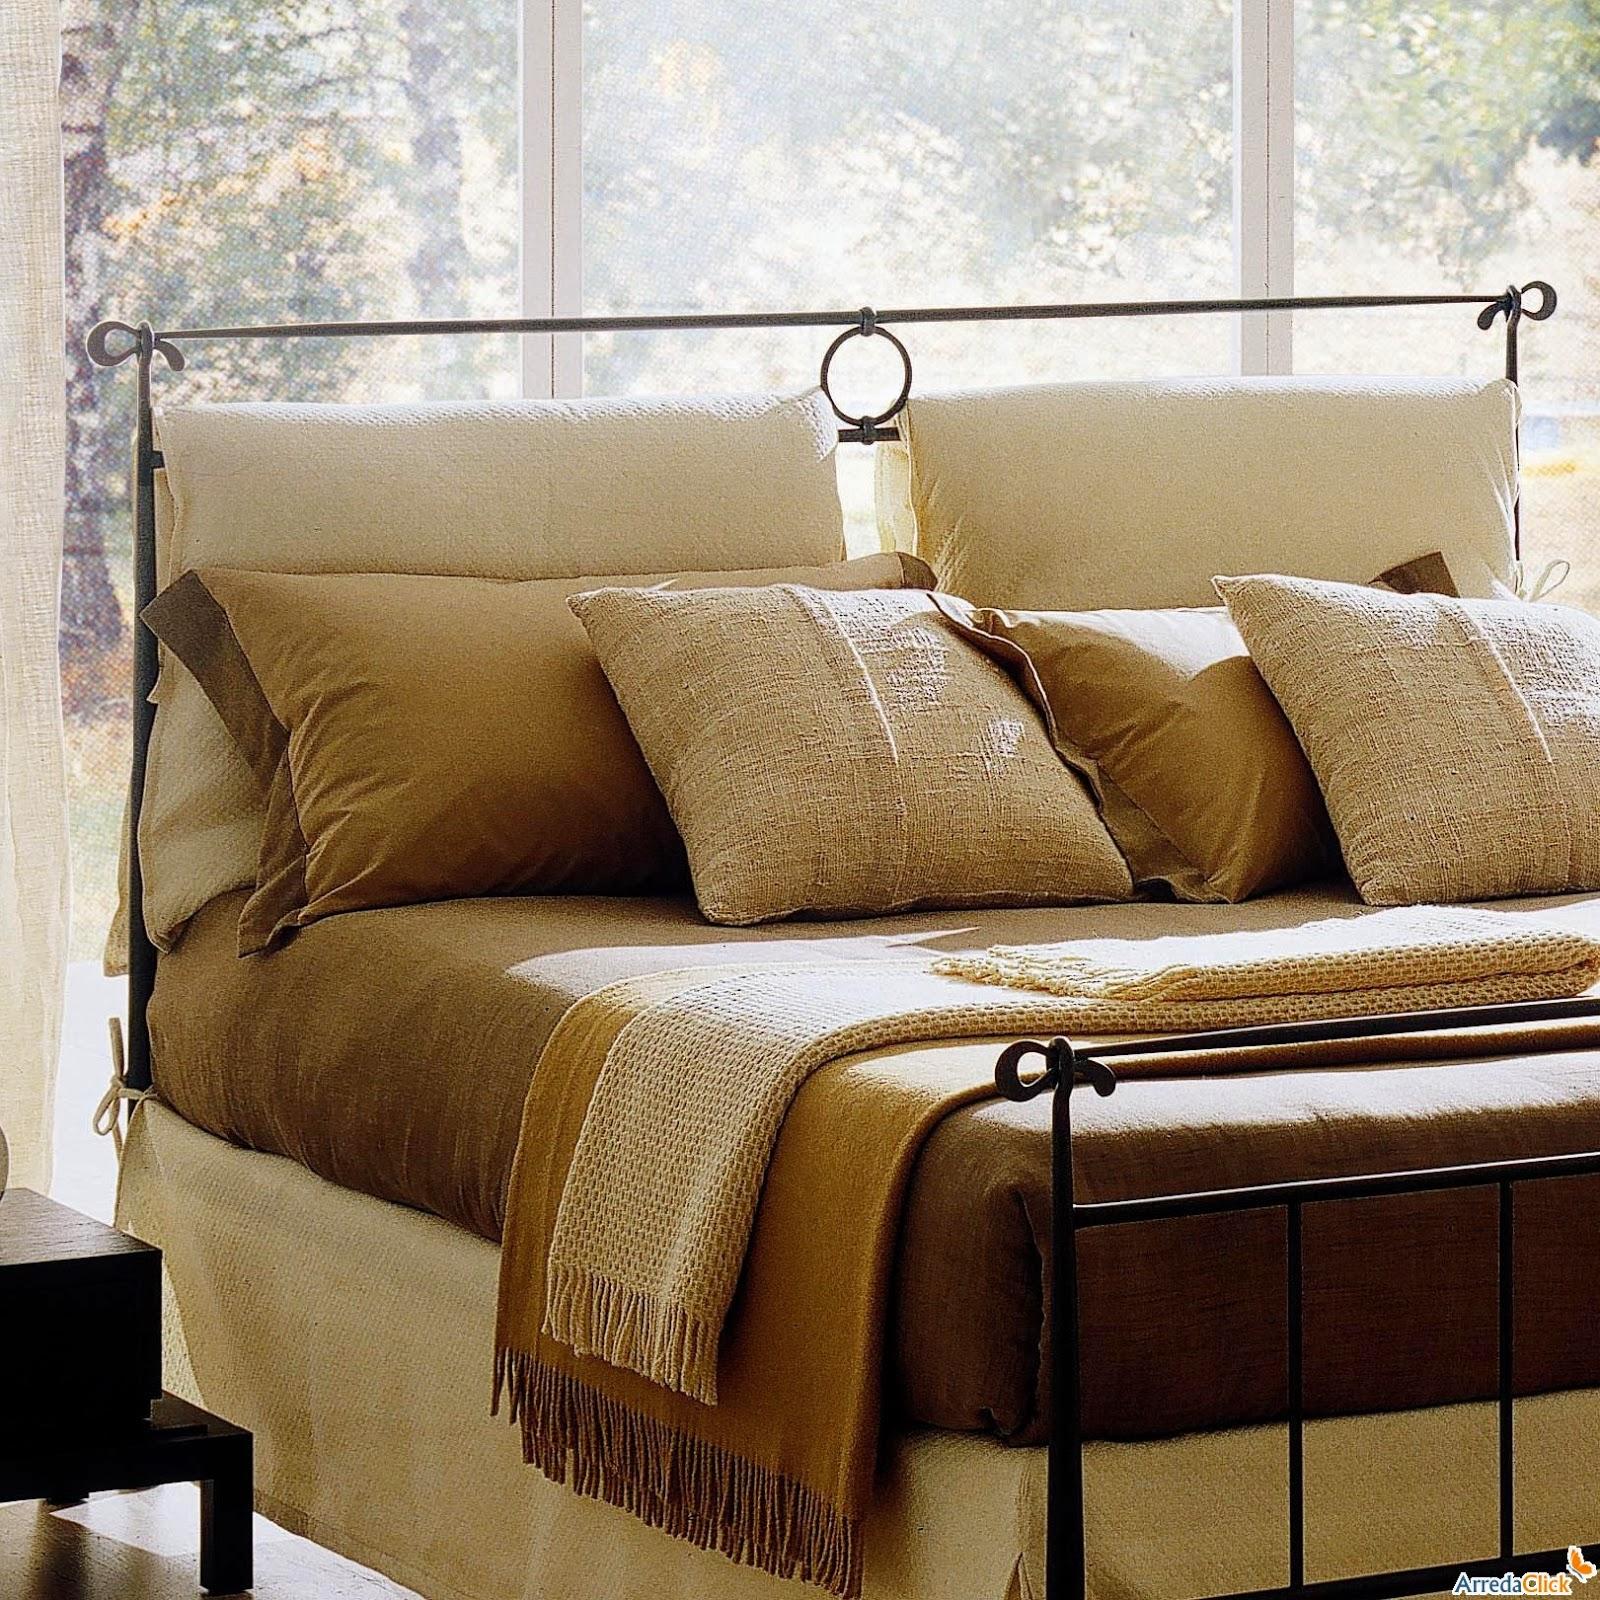 Amedeo liberatoscioli come rinnovare la tua casa con un for Testiere letto a cuscino